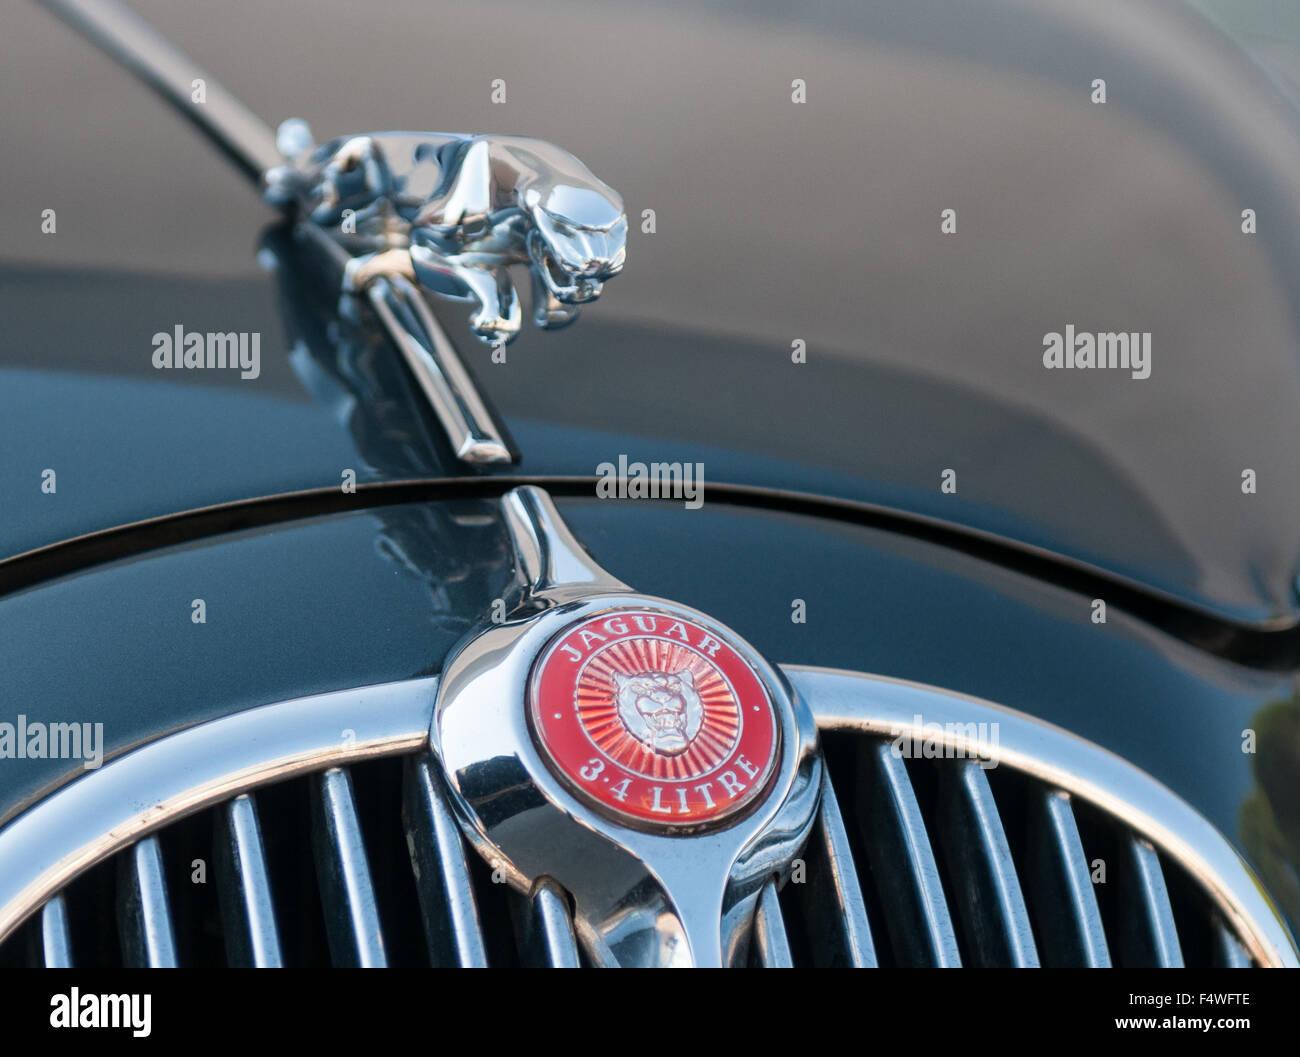 jaguar car logo stock photos jaguar car logo stock images alamy